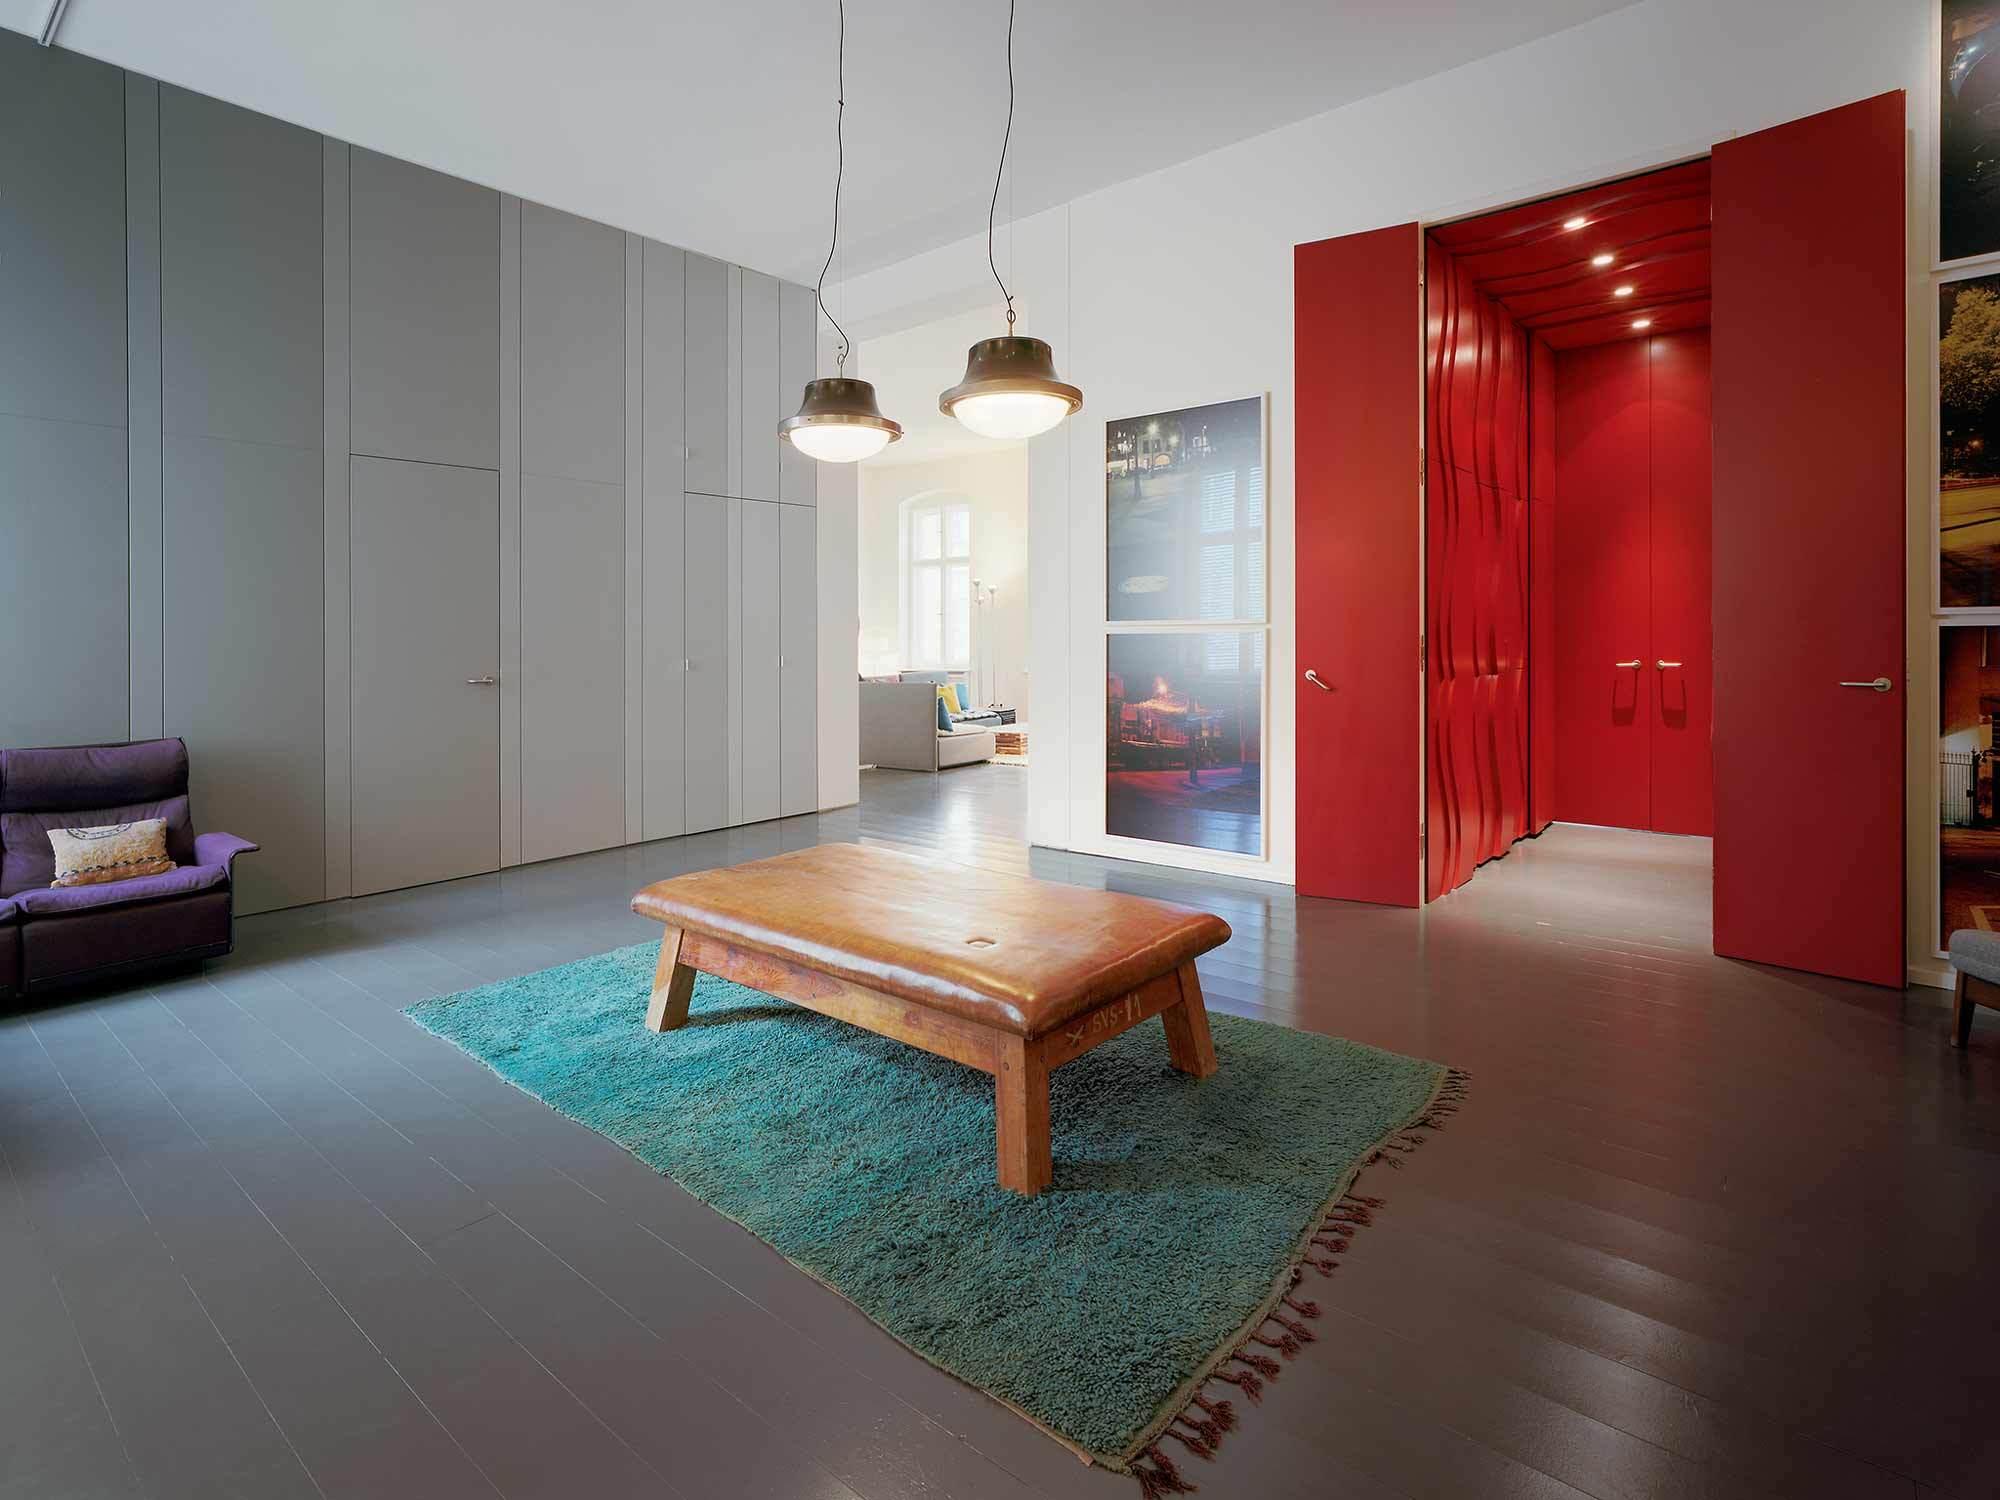 Hinterhaus-Wohnung, Berlin, Thomas Kröger Architekten, 2012, Foto: Thomas Heimann